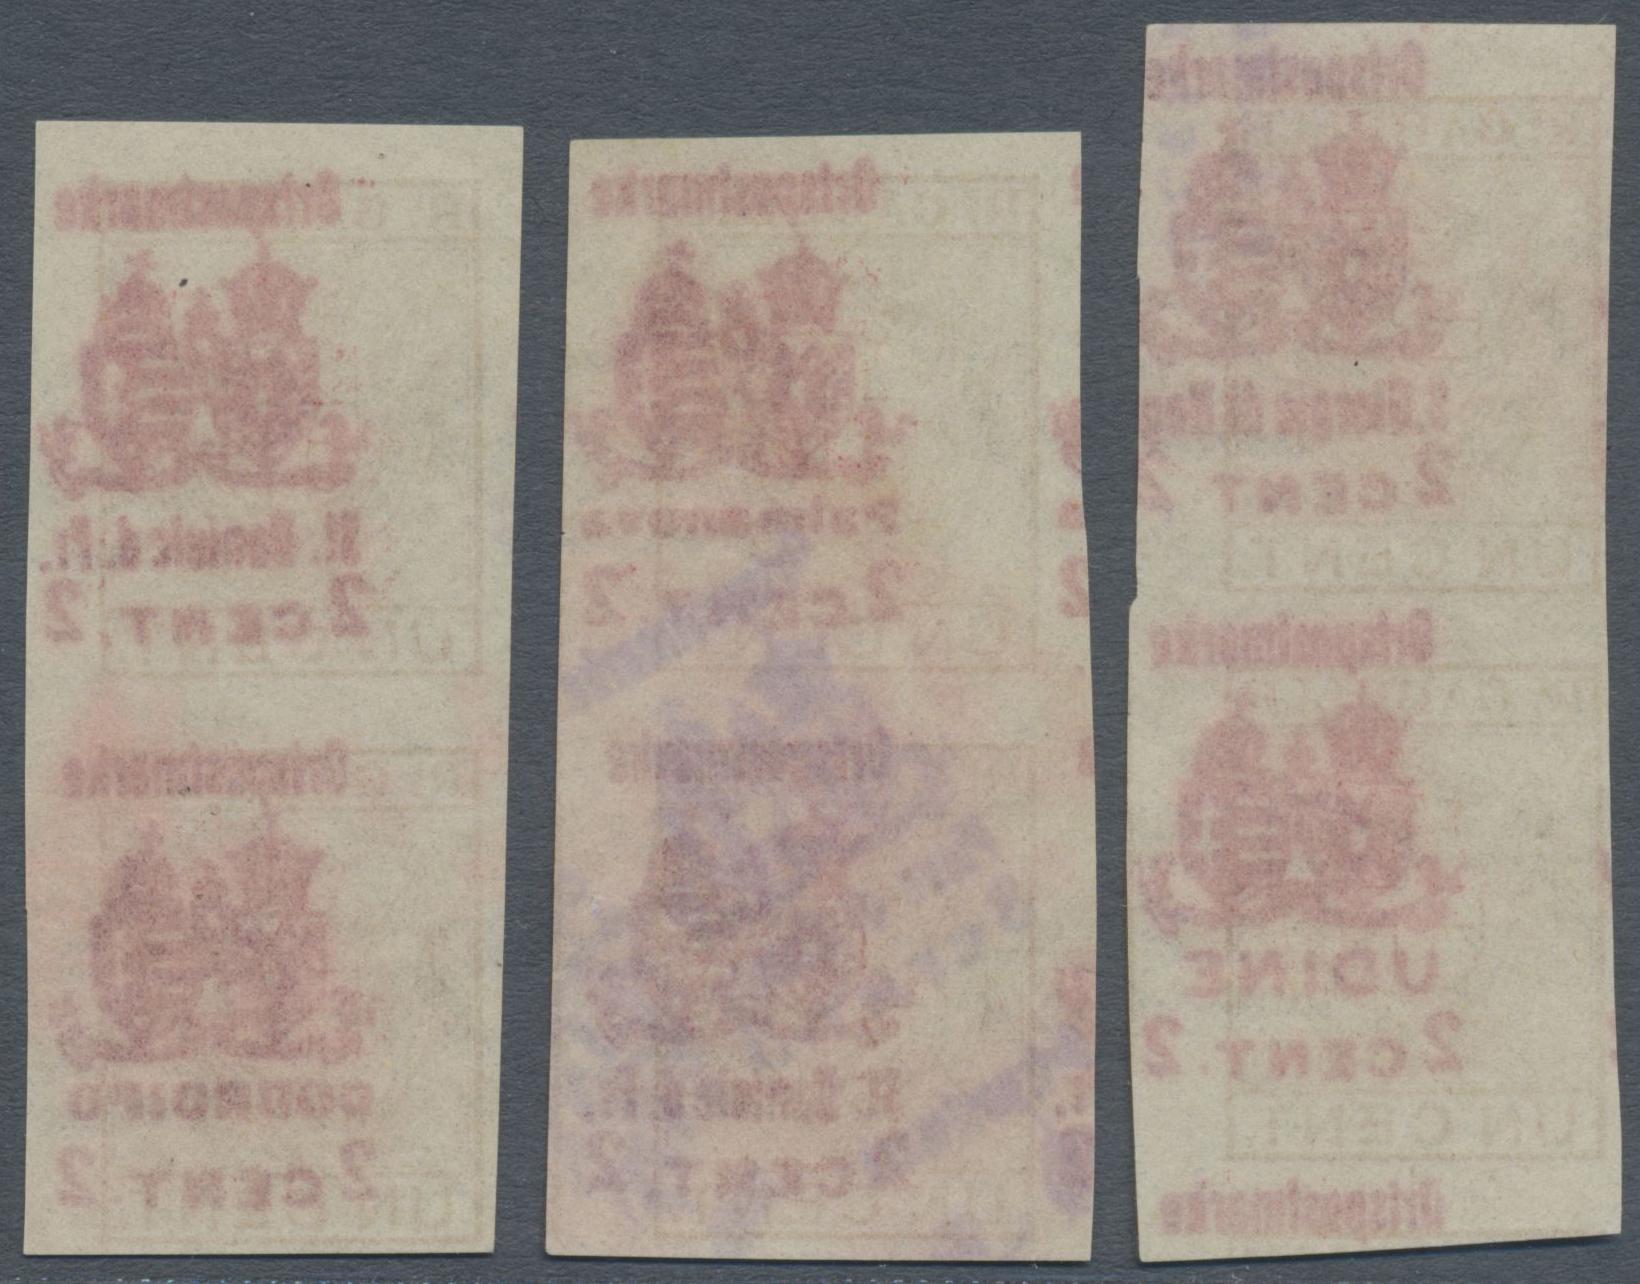 Lot 18204 - Österreichisch-Ungarische Feldpost - Italien  -  Auktionshaus Christoph Gärtner GmbH & Co. KG Single lots Philately Overseas & Europe. Auction #39 Day 4